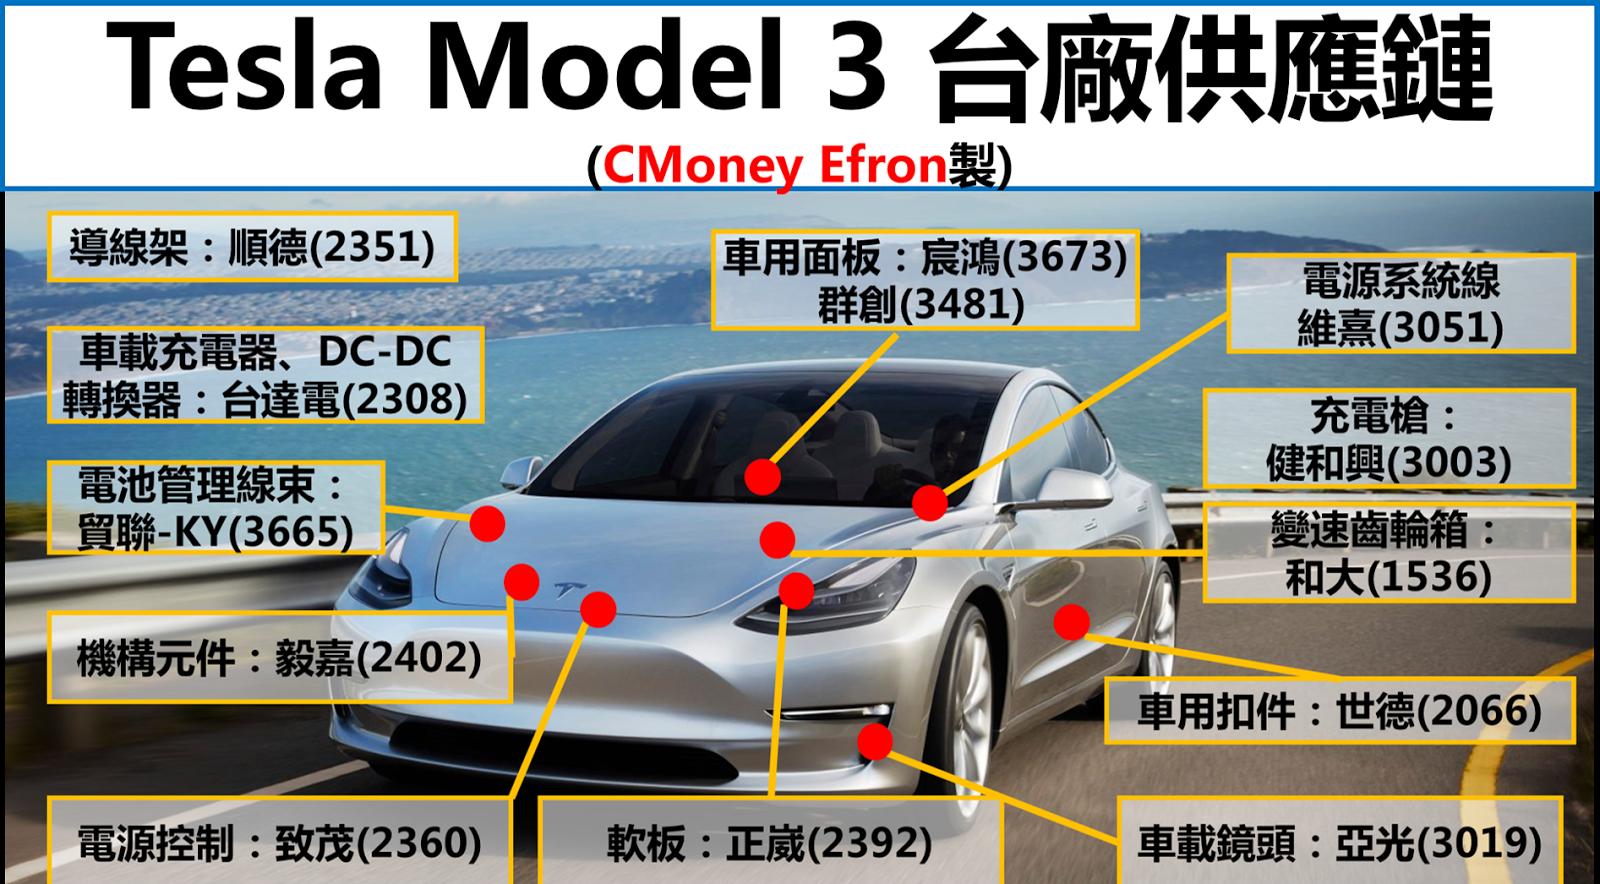 亞光(3019)躍起 29% 後…該買? 1 張圖掌握「Tesla 供應鏈」,決勝 8 月『法人必買股』是…